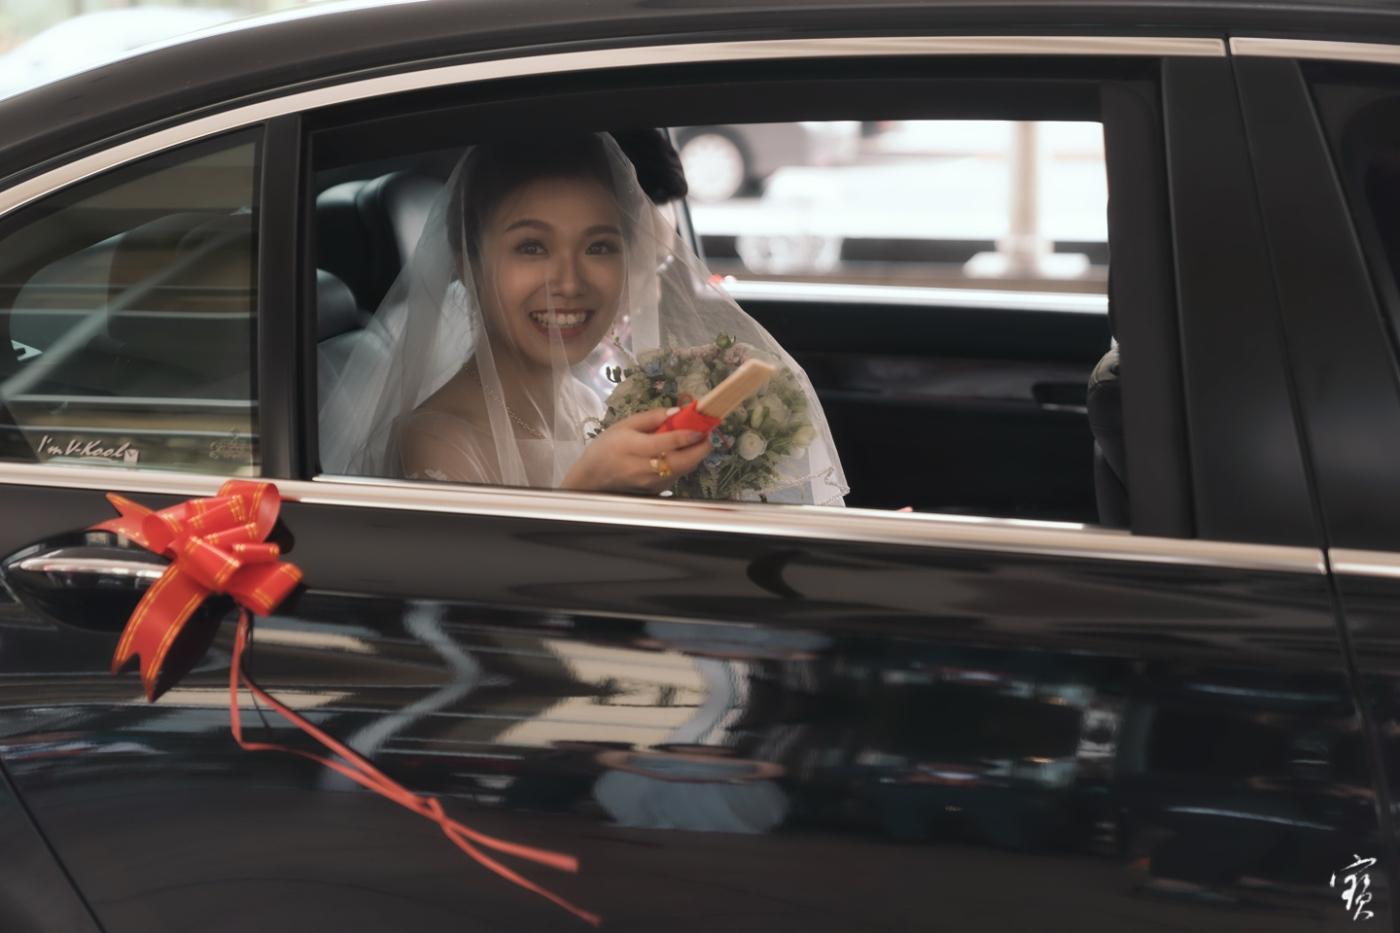 婚禮攝影 婚紗 大直 典華 冬半影像 攝影師大寶 北部攝影 台北攝影 桃園攝影 新竹攝影20181208-222